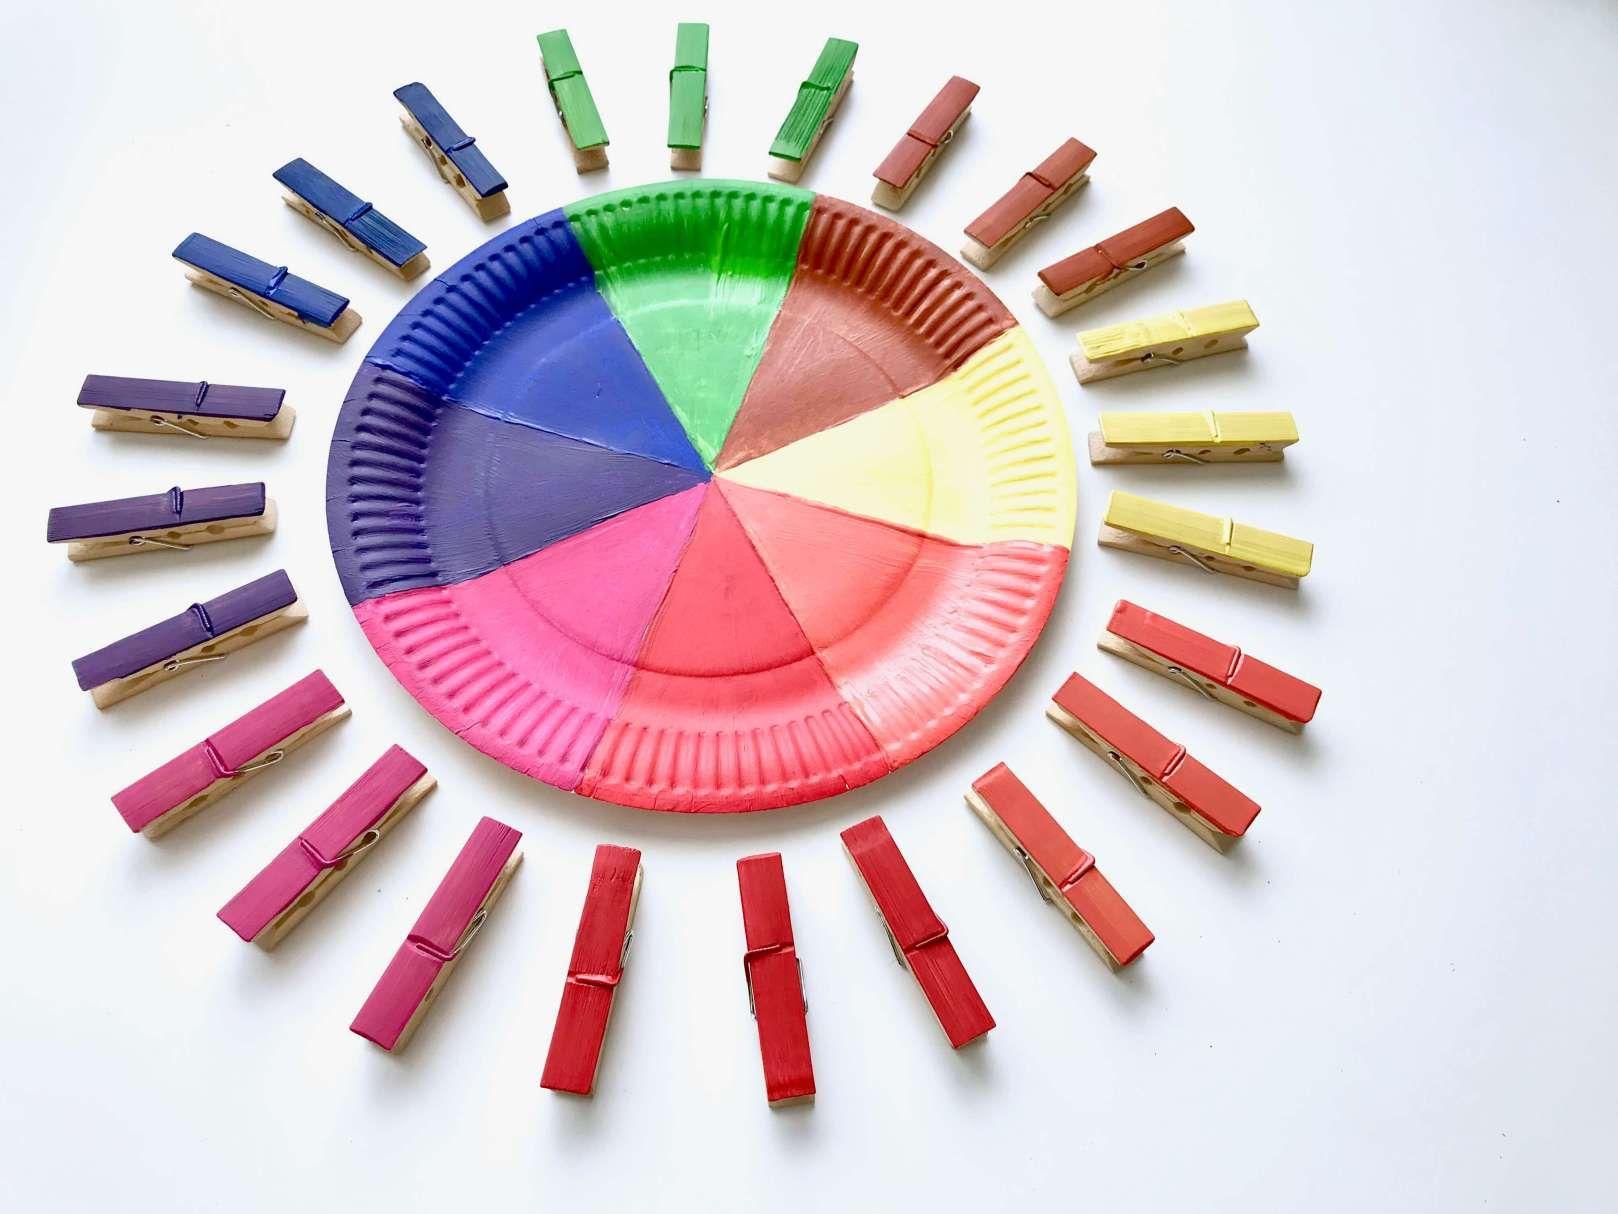 Diy Farbsortierspiel Farben Spielerisch Lernen Basteln Mit Kleinkindern Spielerisches Lernen Farben Sortieren